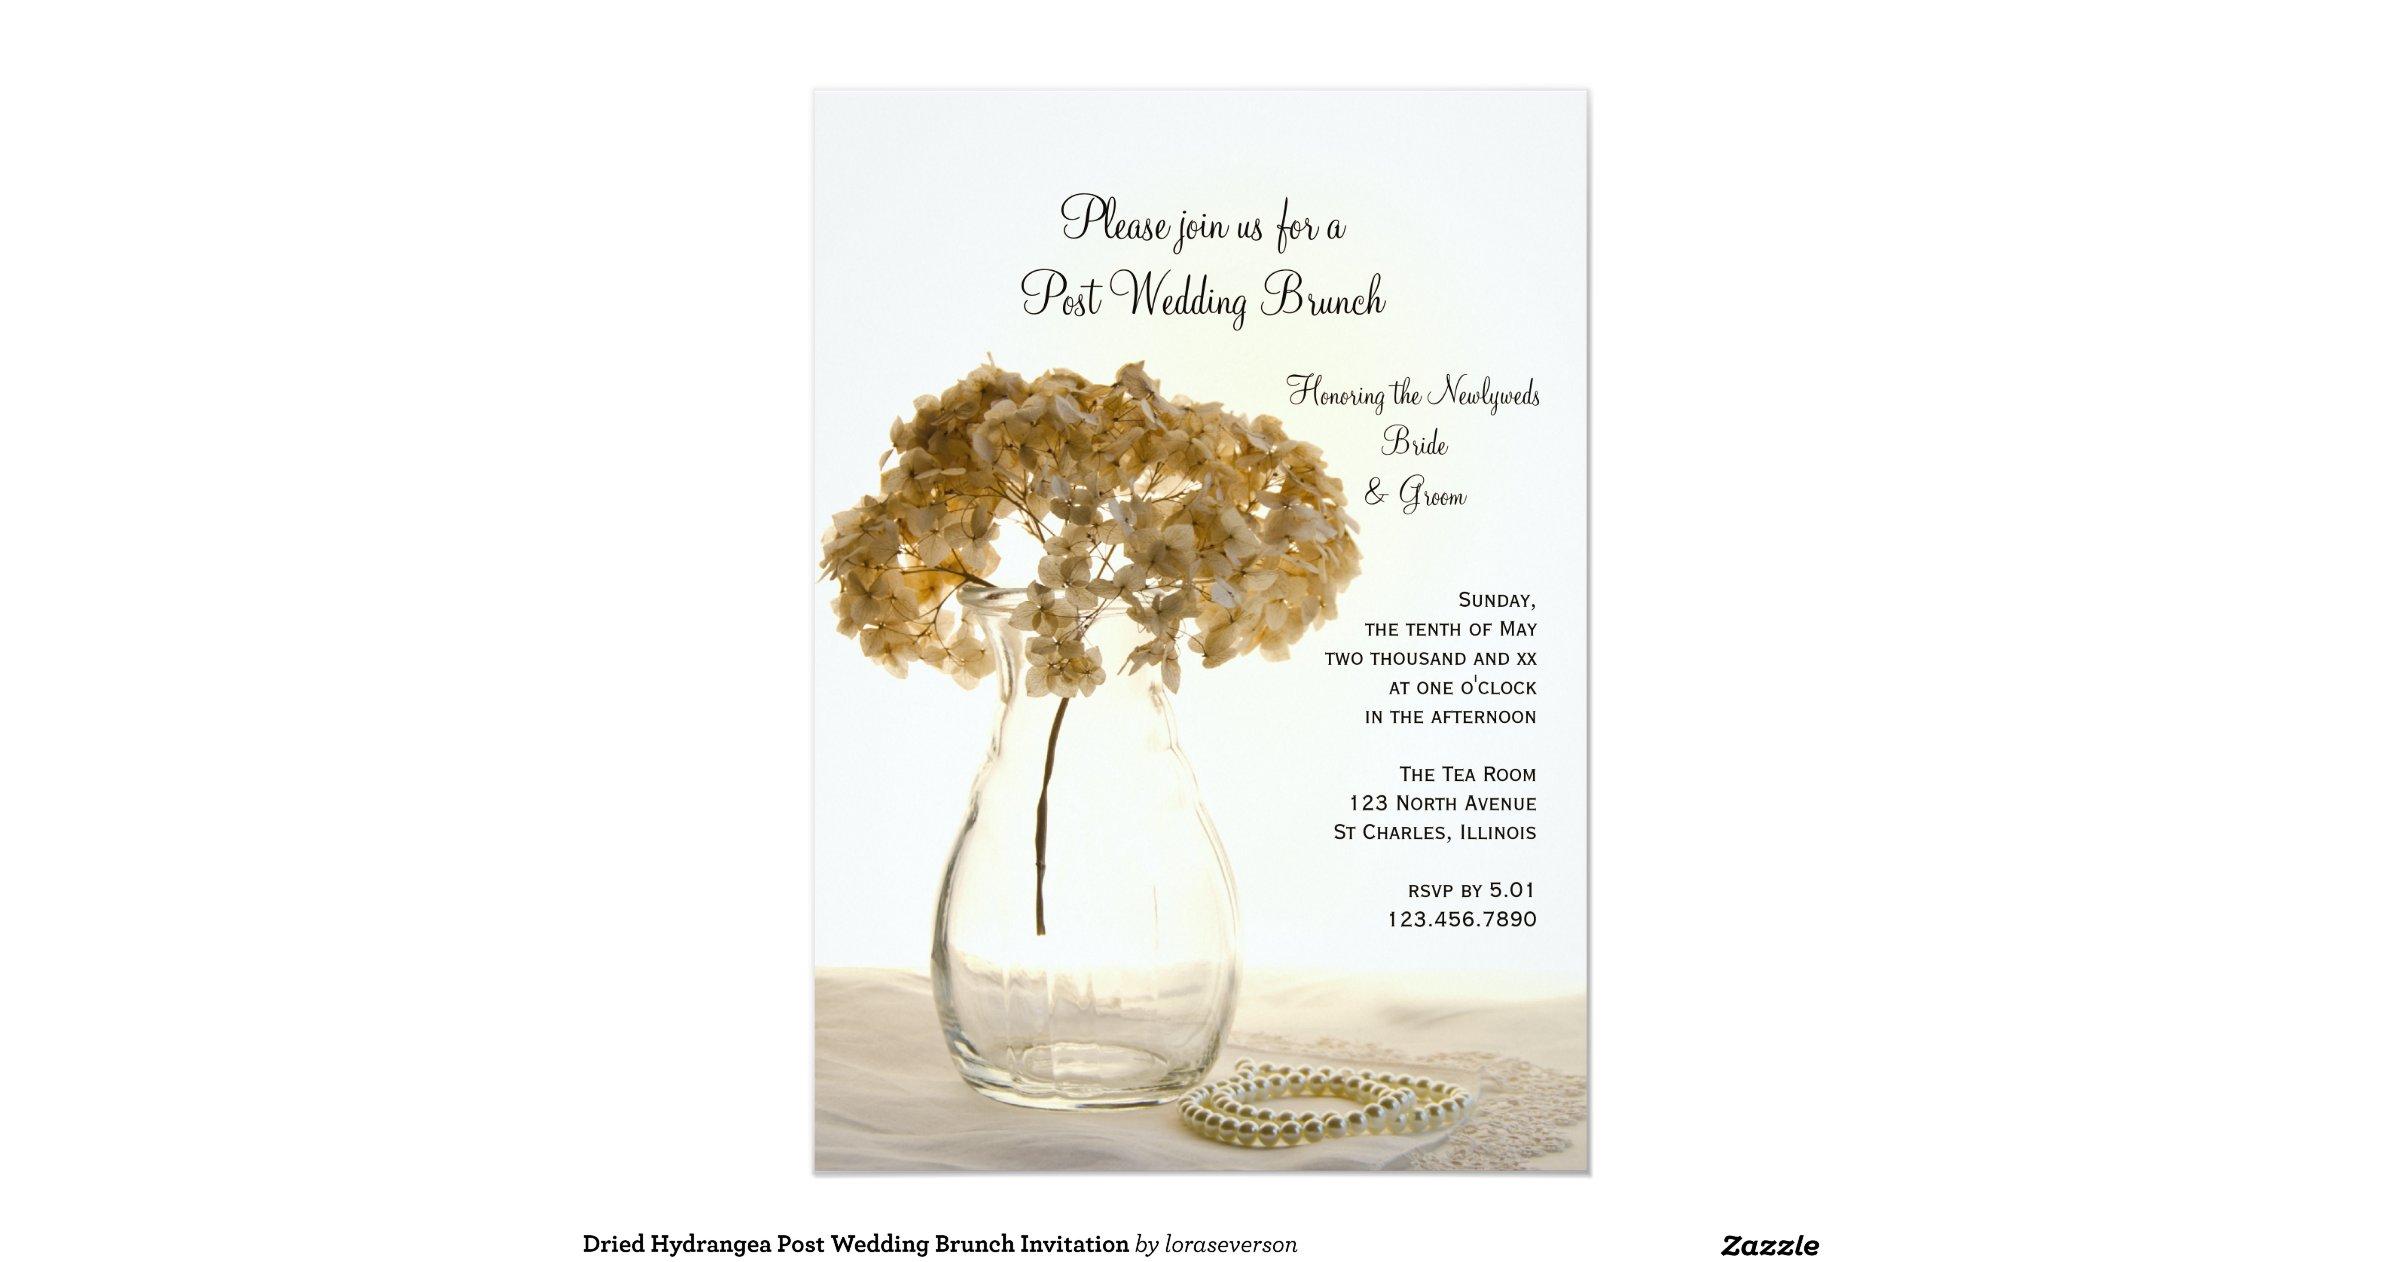 Dried Hydrangea Post Wedding Brunch Invitation R4d9407784dbc4f5286a0ad537bfef4e3 Zkrqs 1200